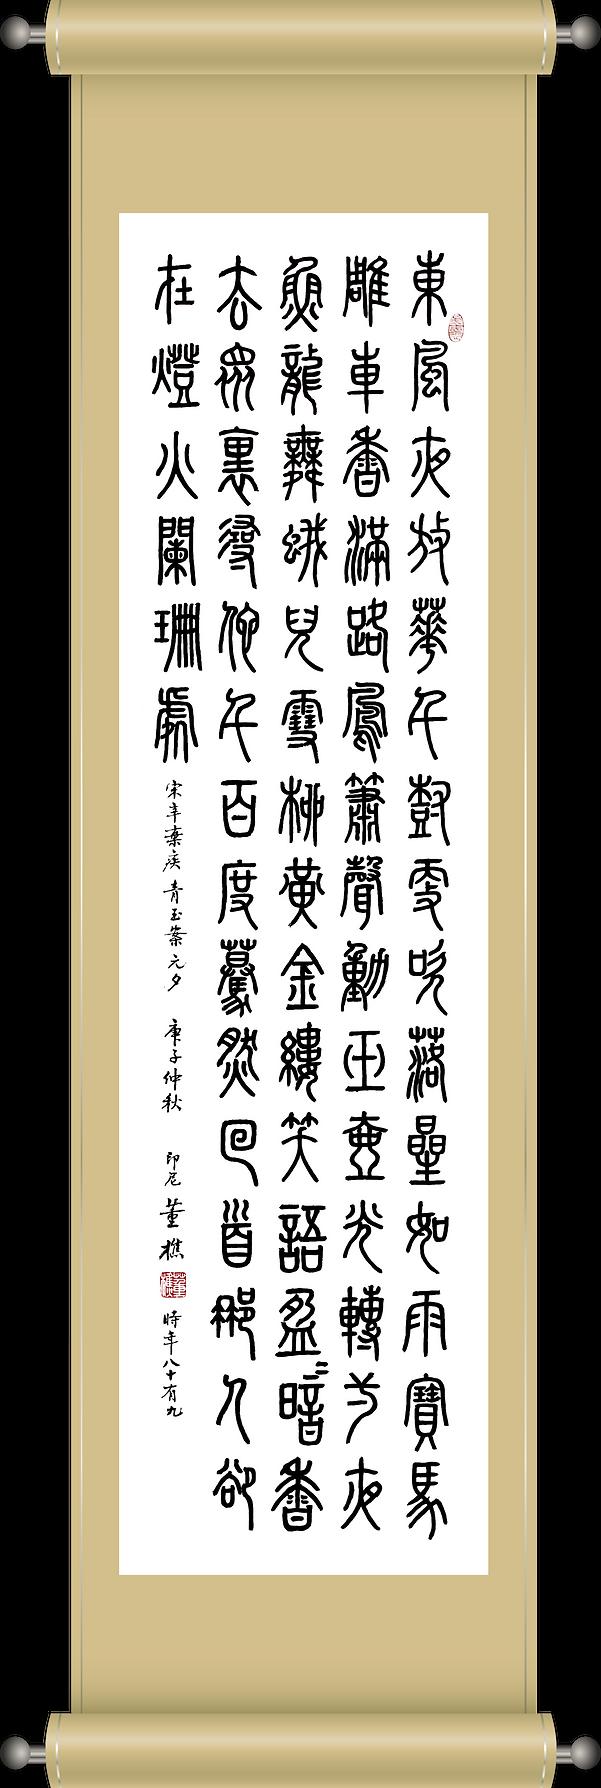 009-董樵.png